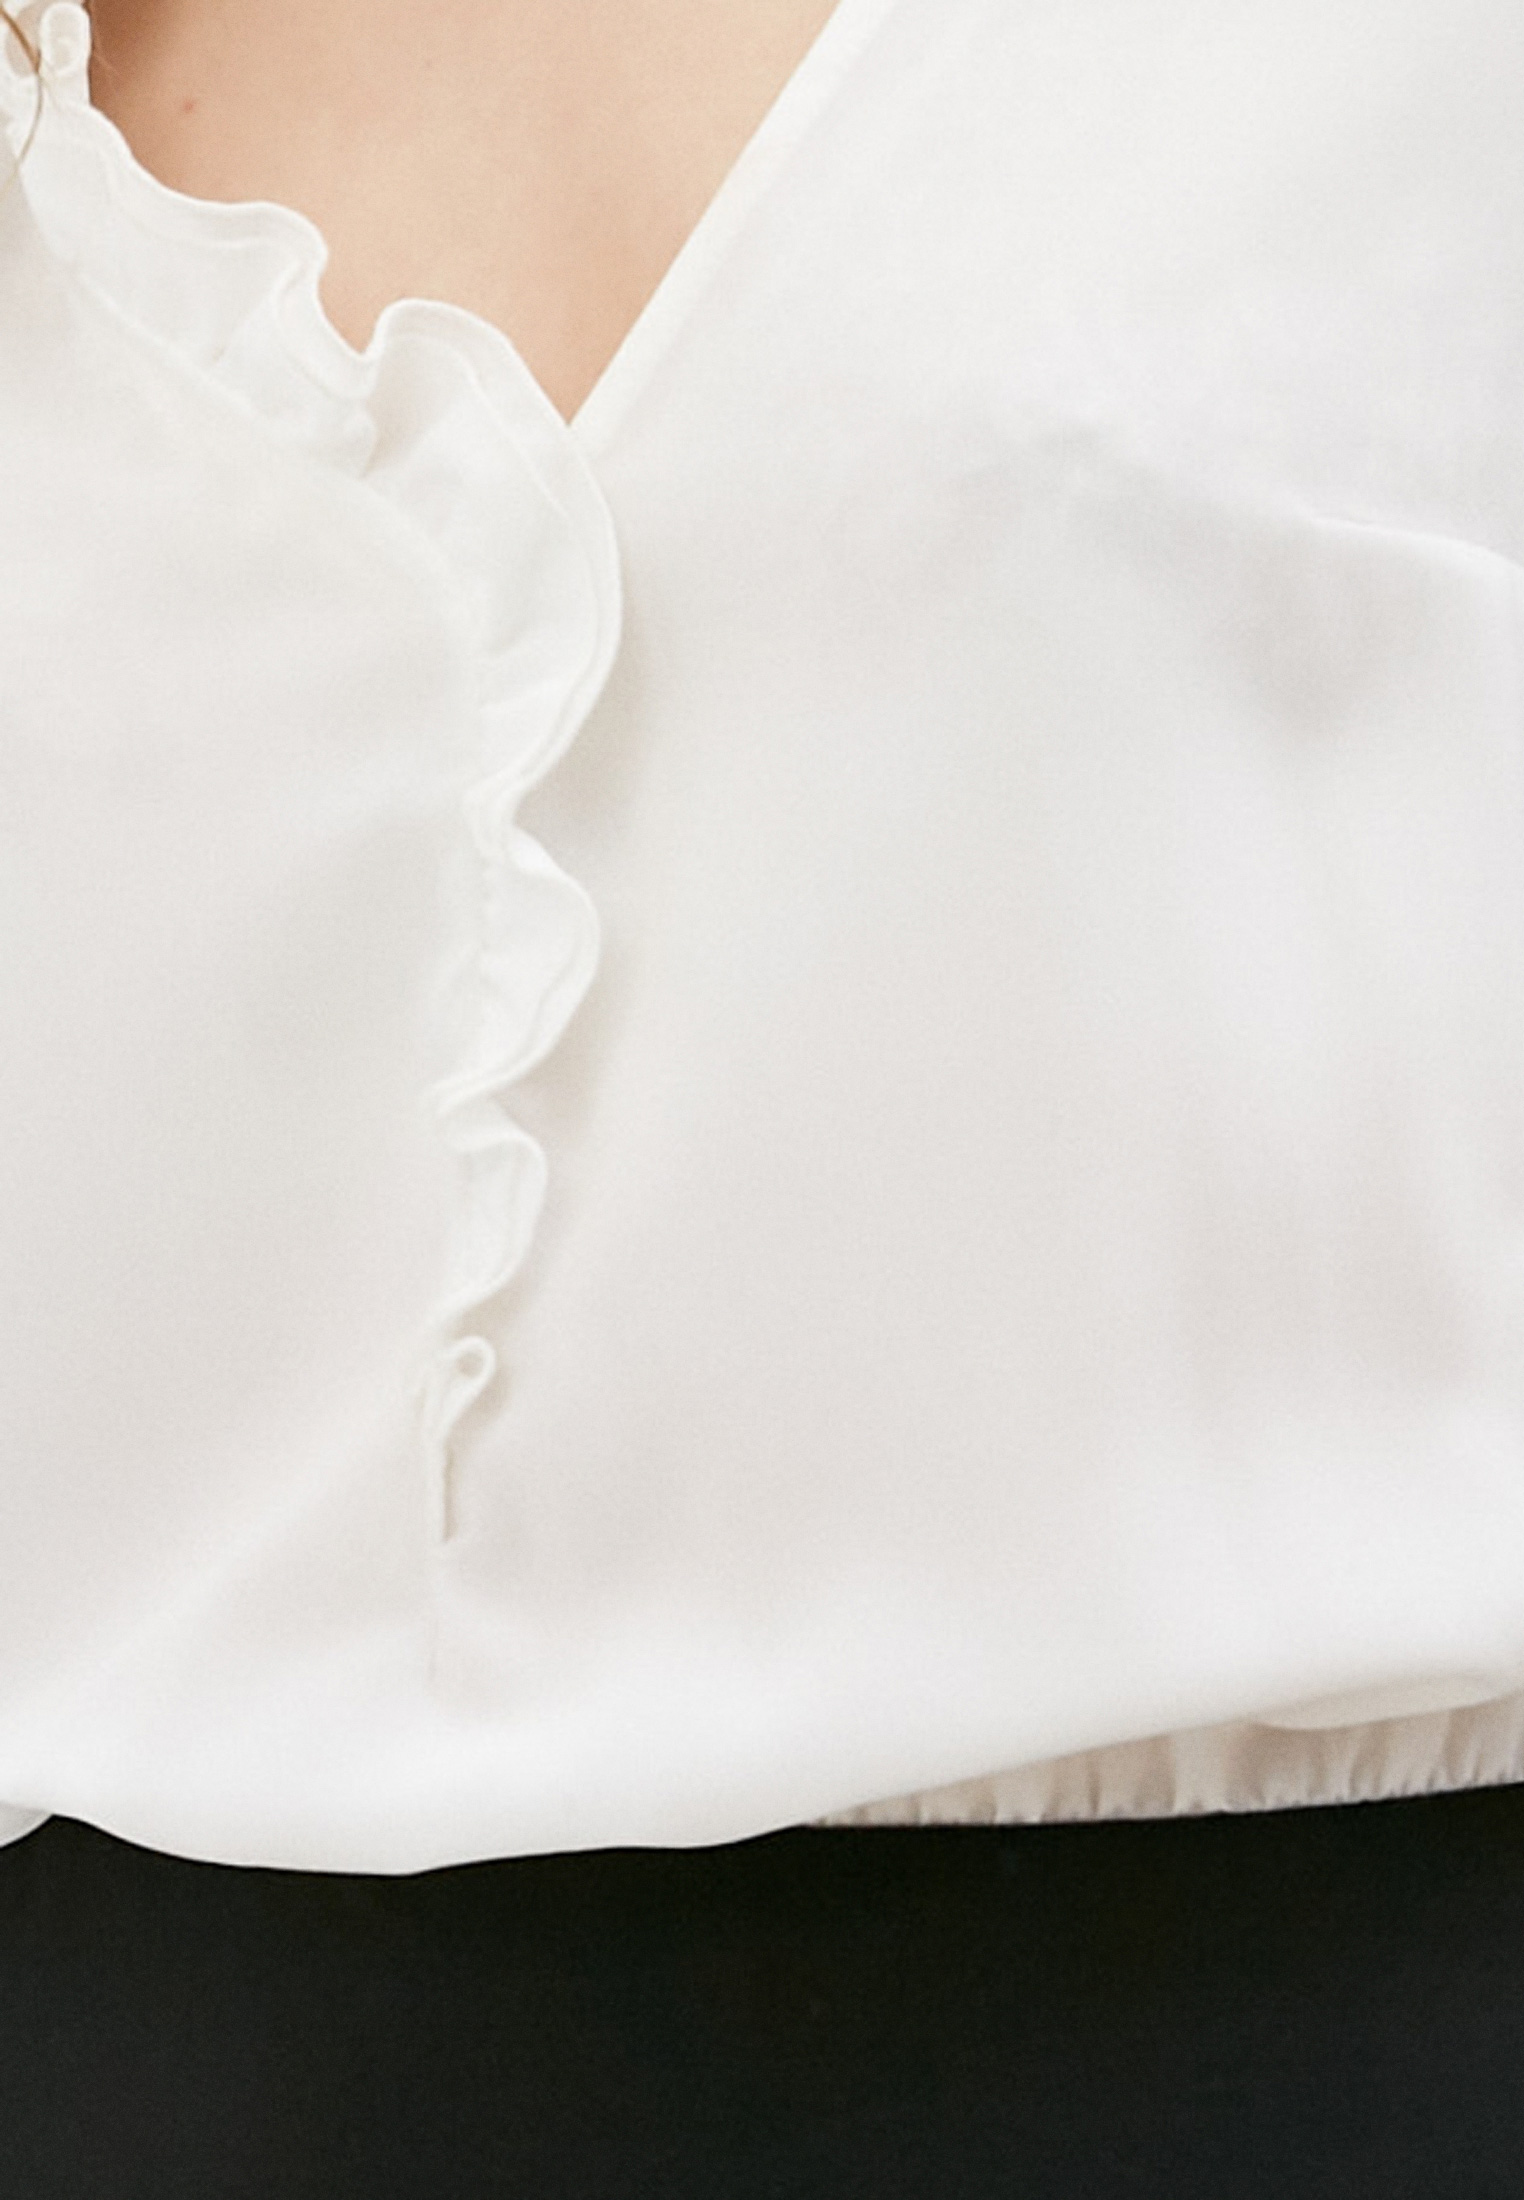 Повседневное платье Patrizia Pepe (Патриция Пепе) DAM278 A43 F2ET: изображение 6